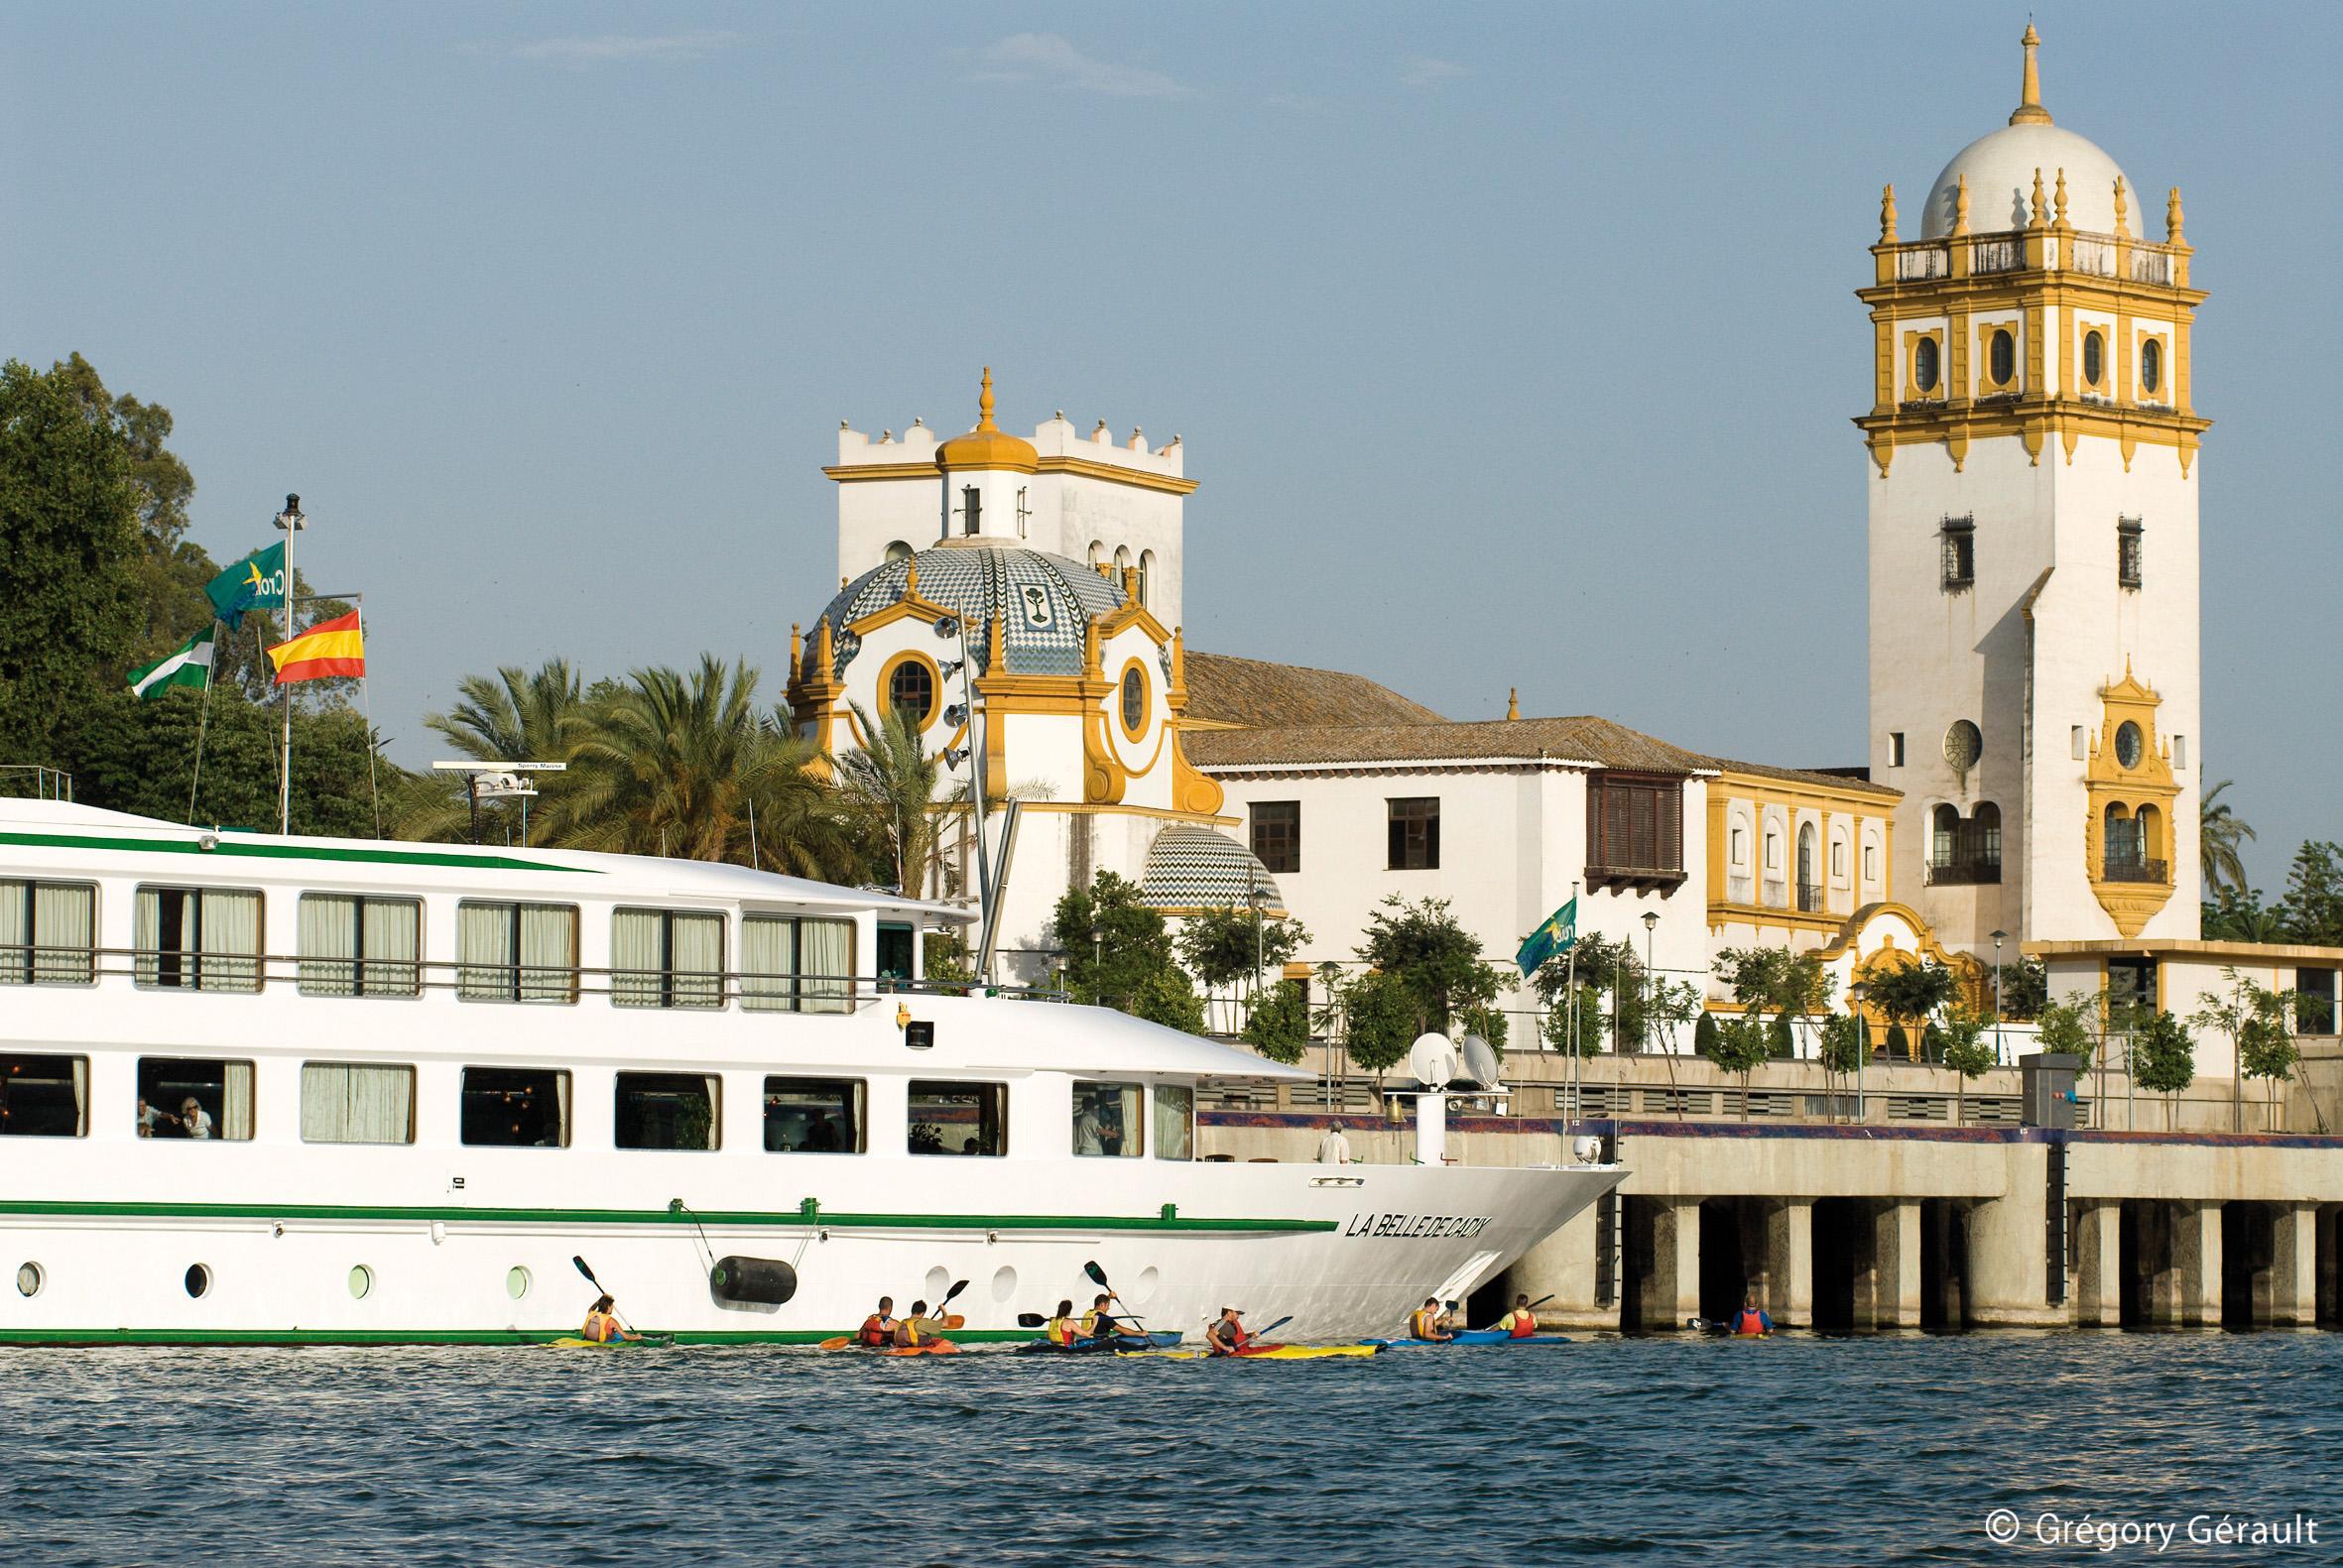 Crucero fluvial por el Guadalquivir